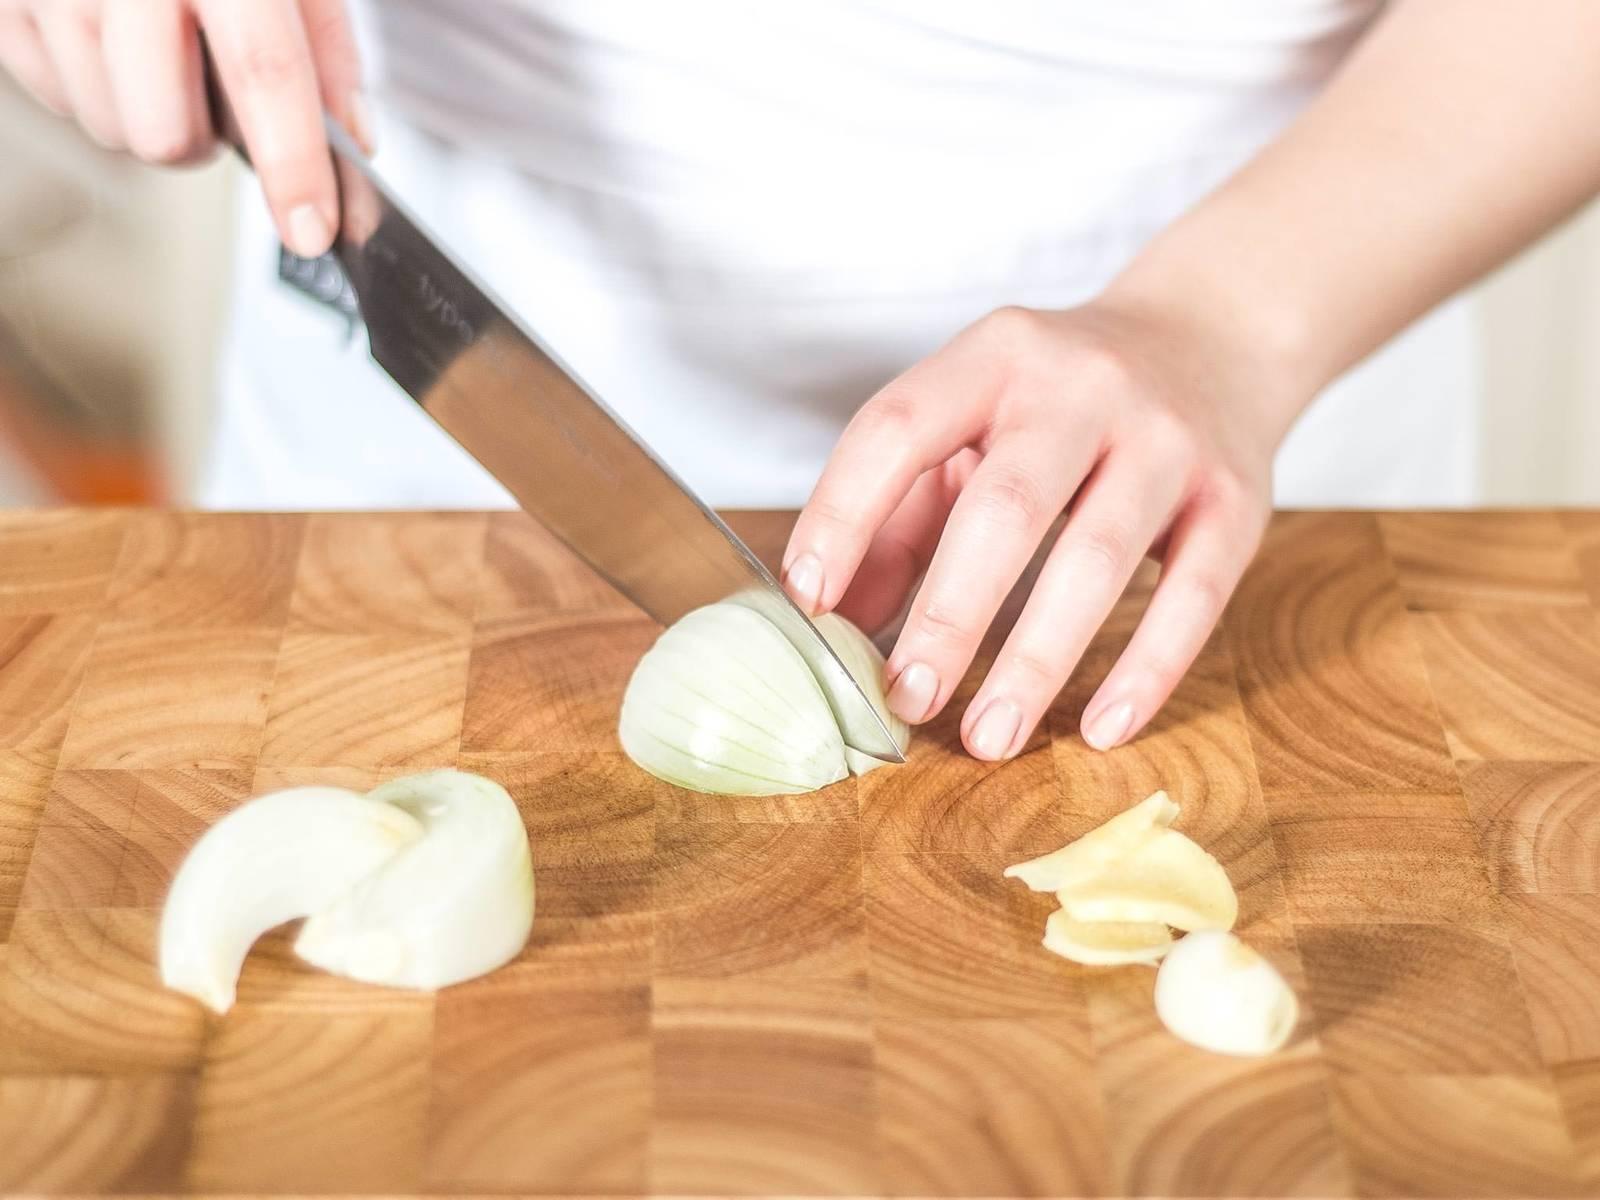 将姜、蒜与洋葱去皮后切块。